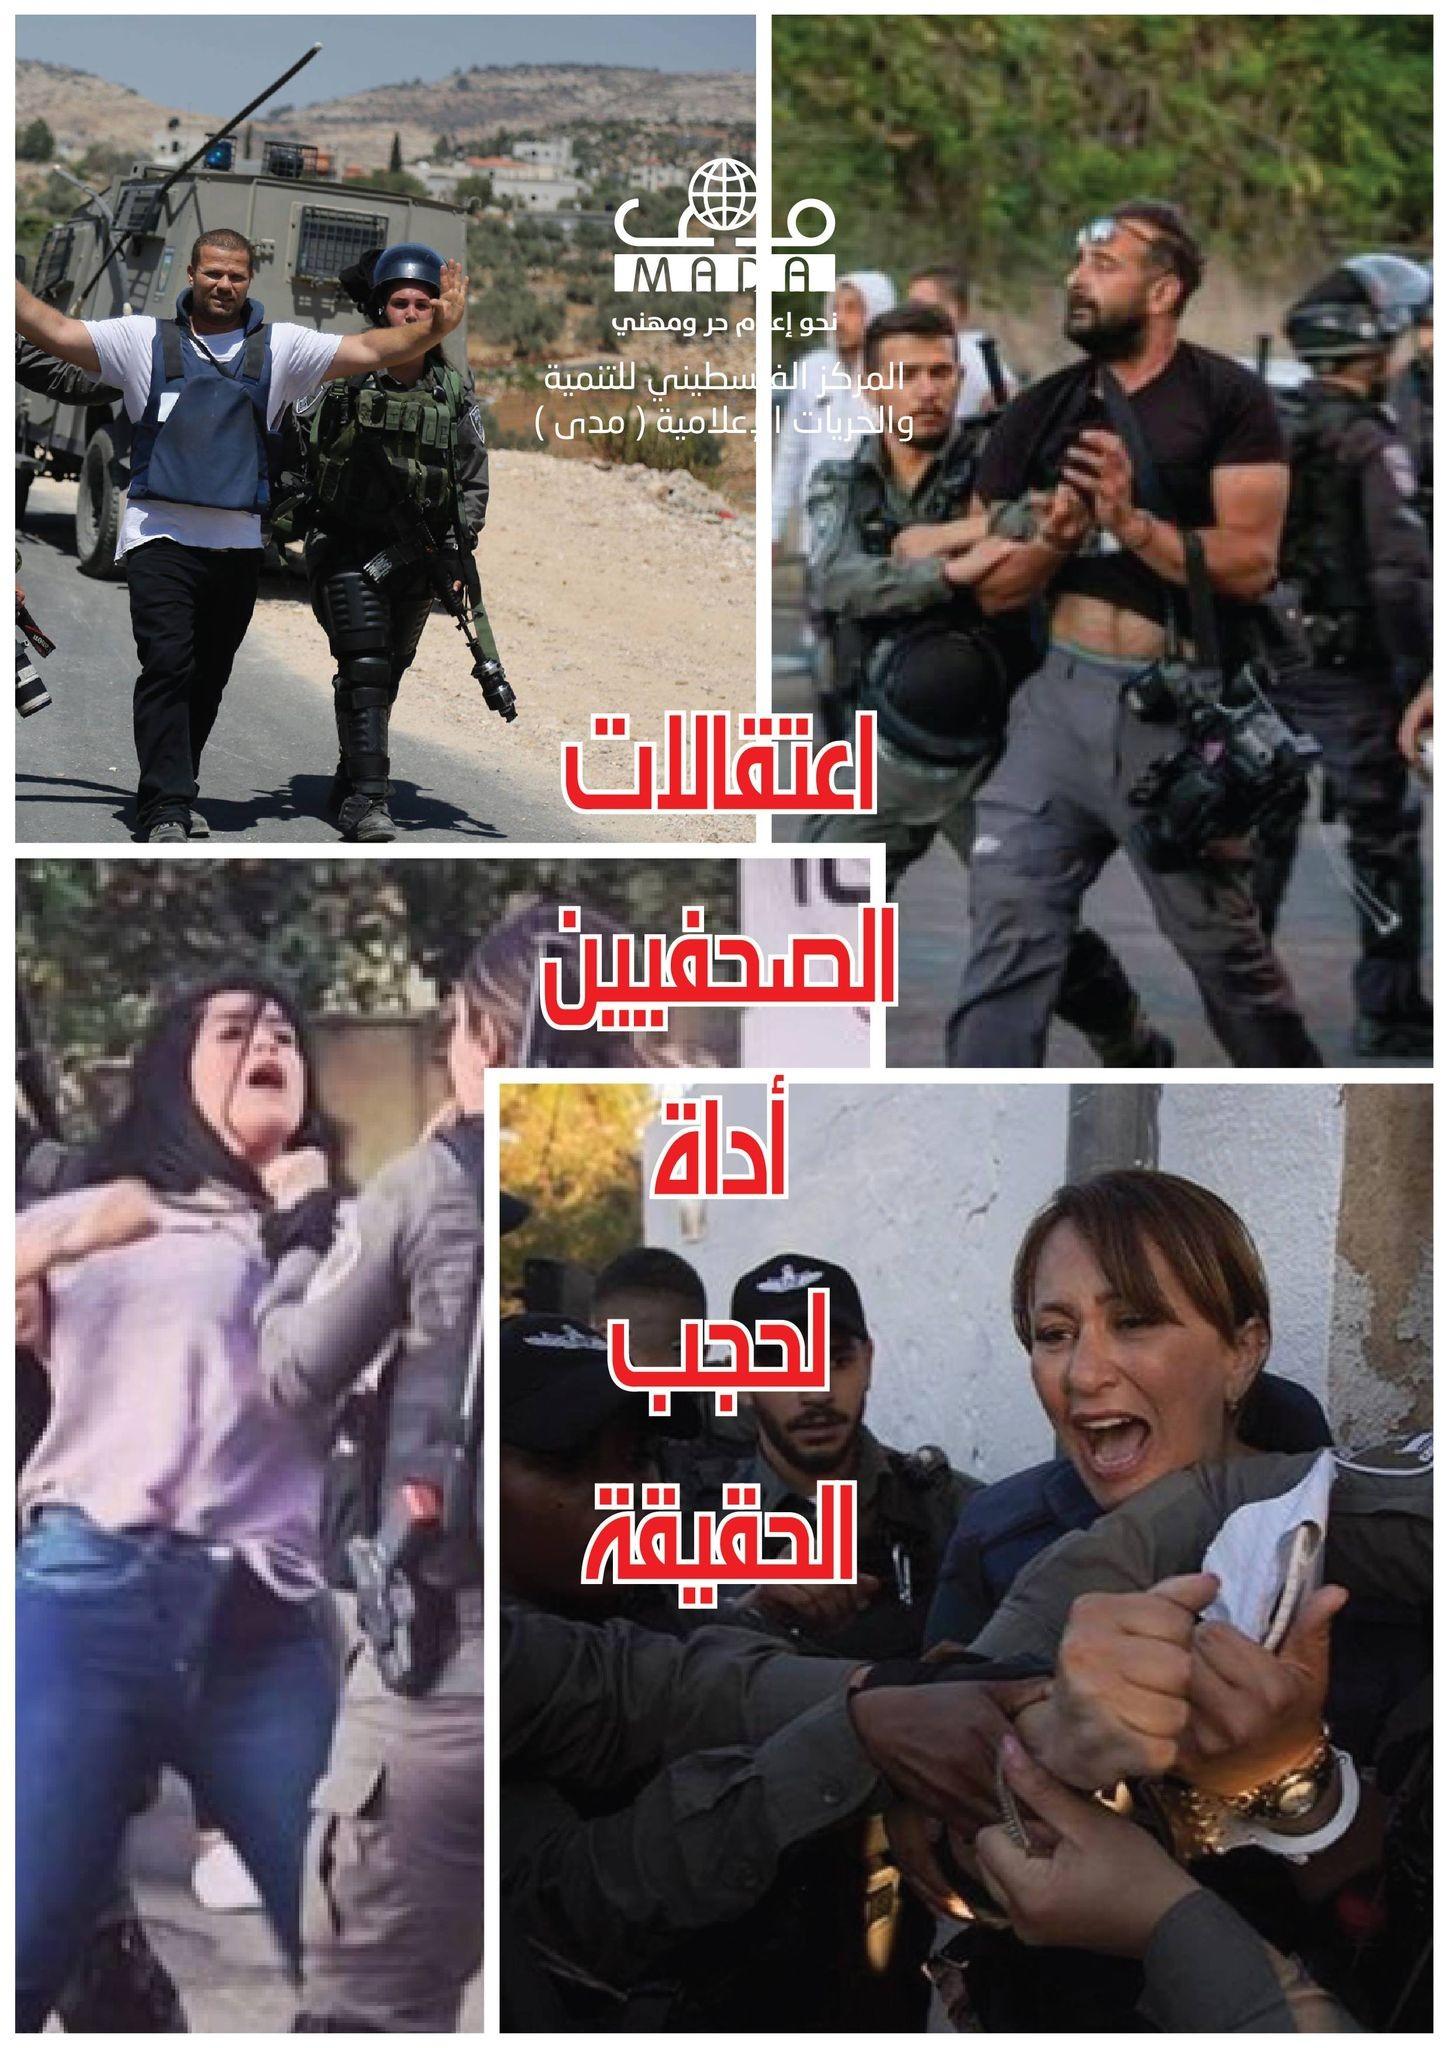 مركز للحريات الإعلامية يُطلق حملة ضد اعتقالات الاحتلال للصحفيين